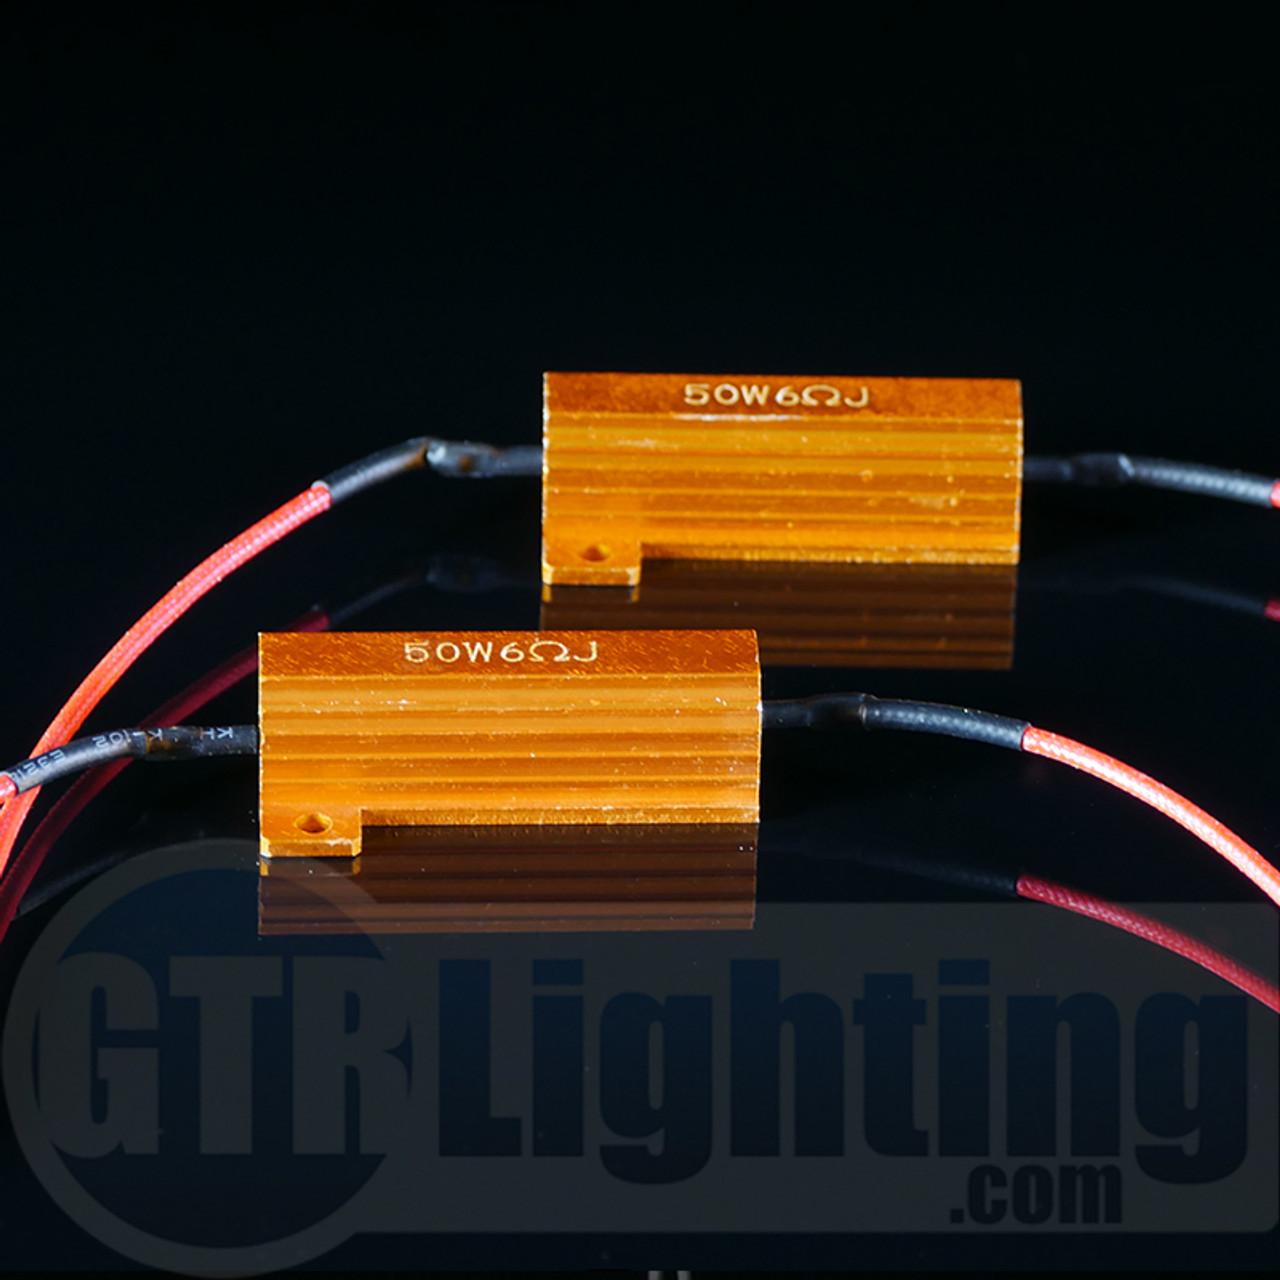 Hid Kit Wiring Harness Diagram Resistors on hid kit wiring diagram, braking resistor diagram, standard relay wiring diagram,